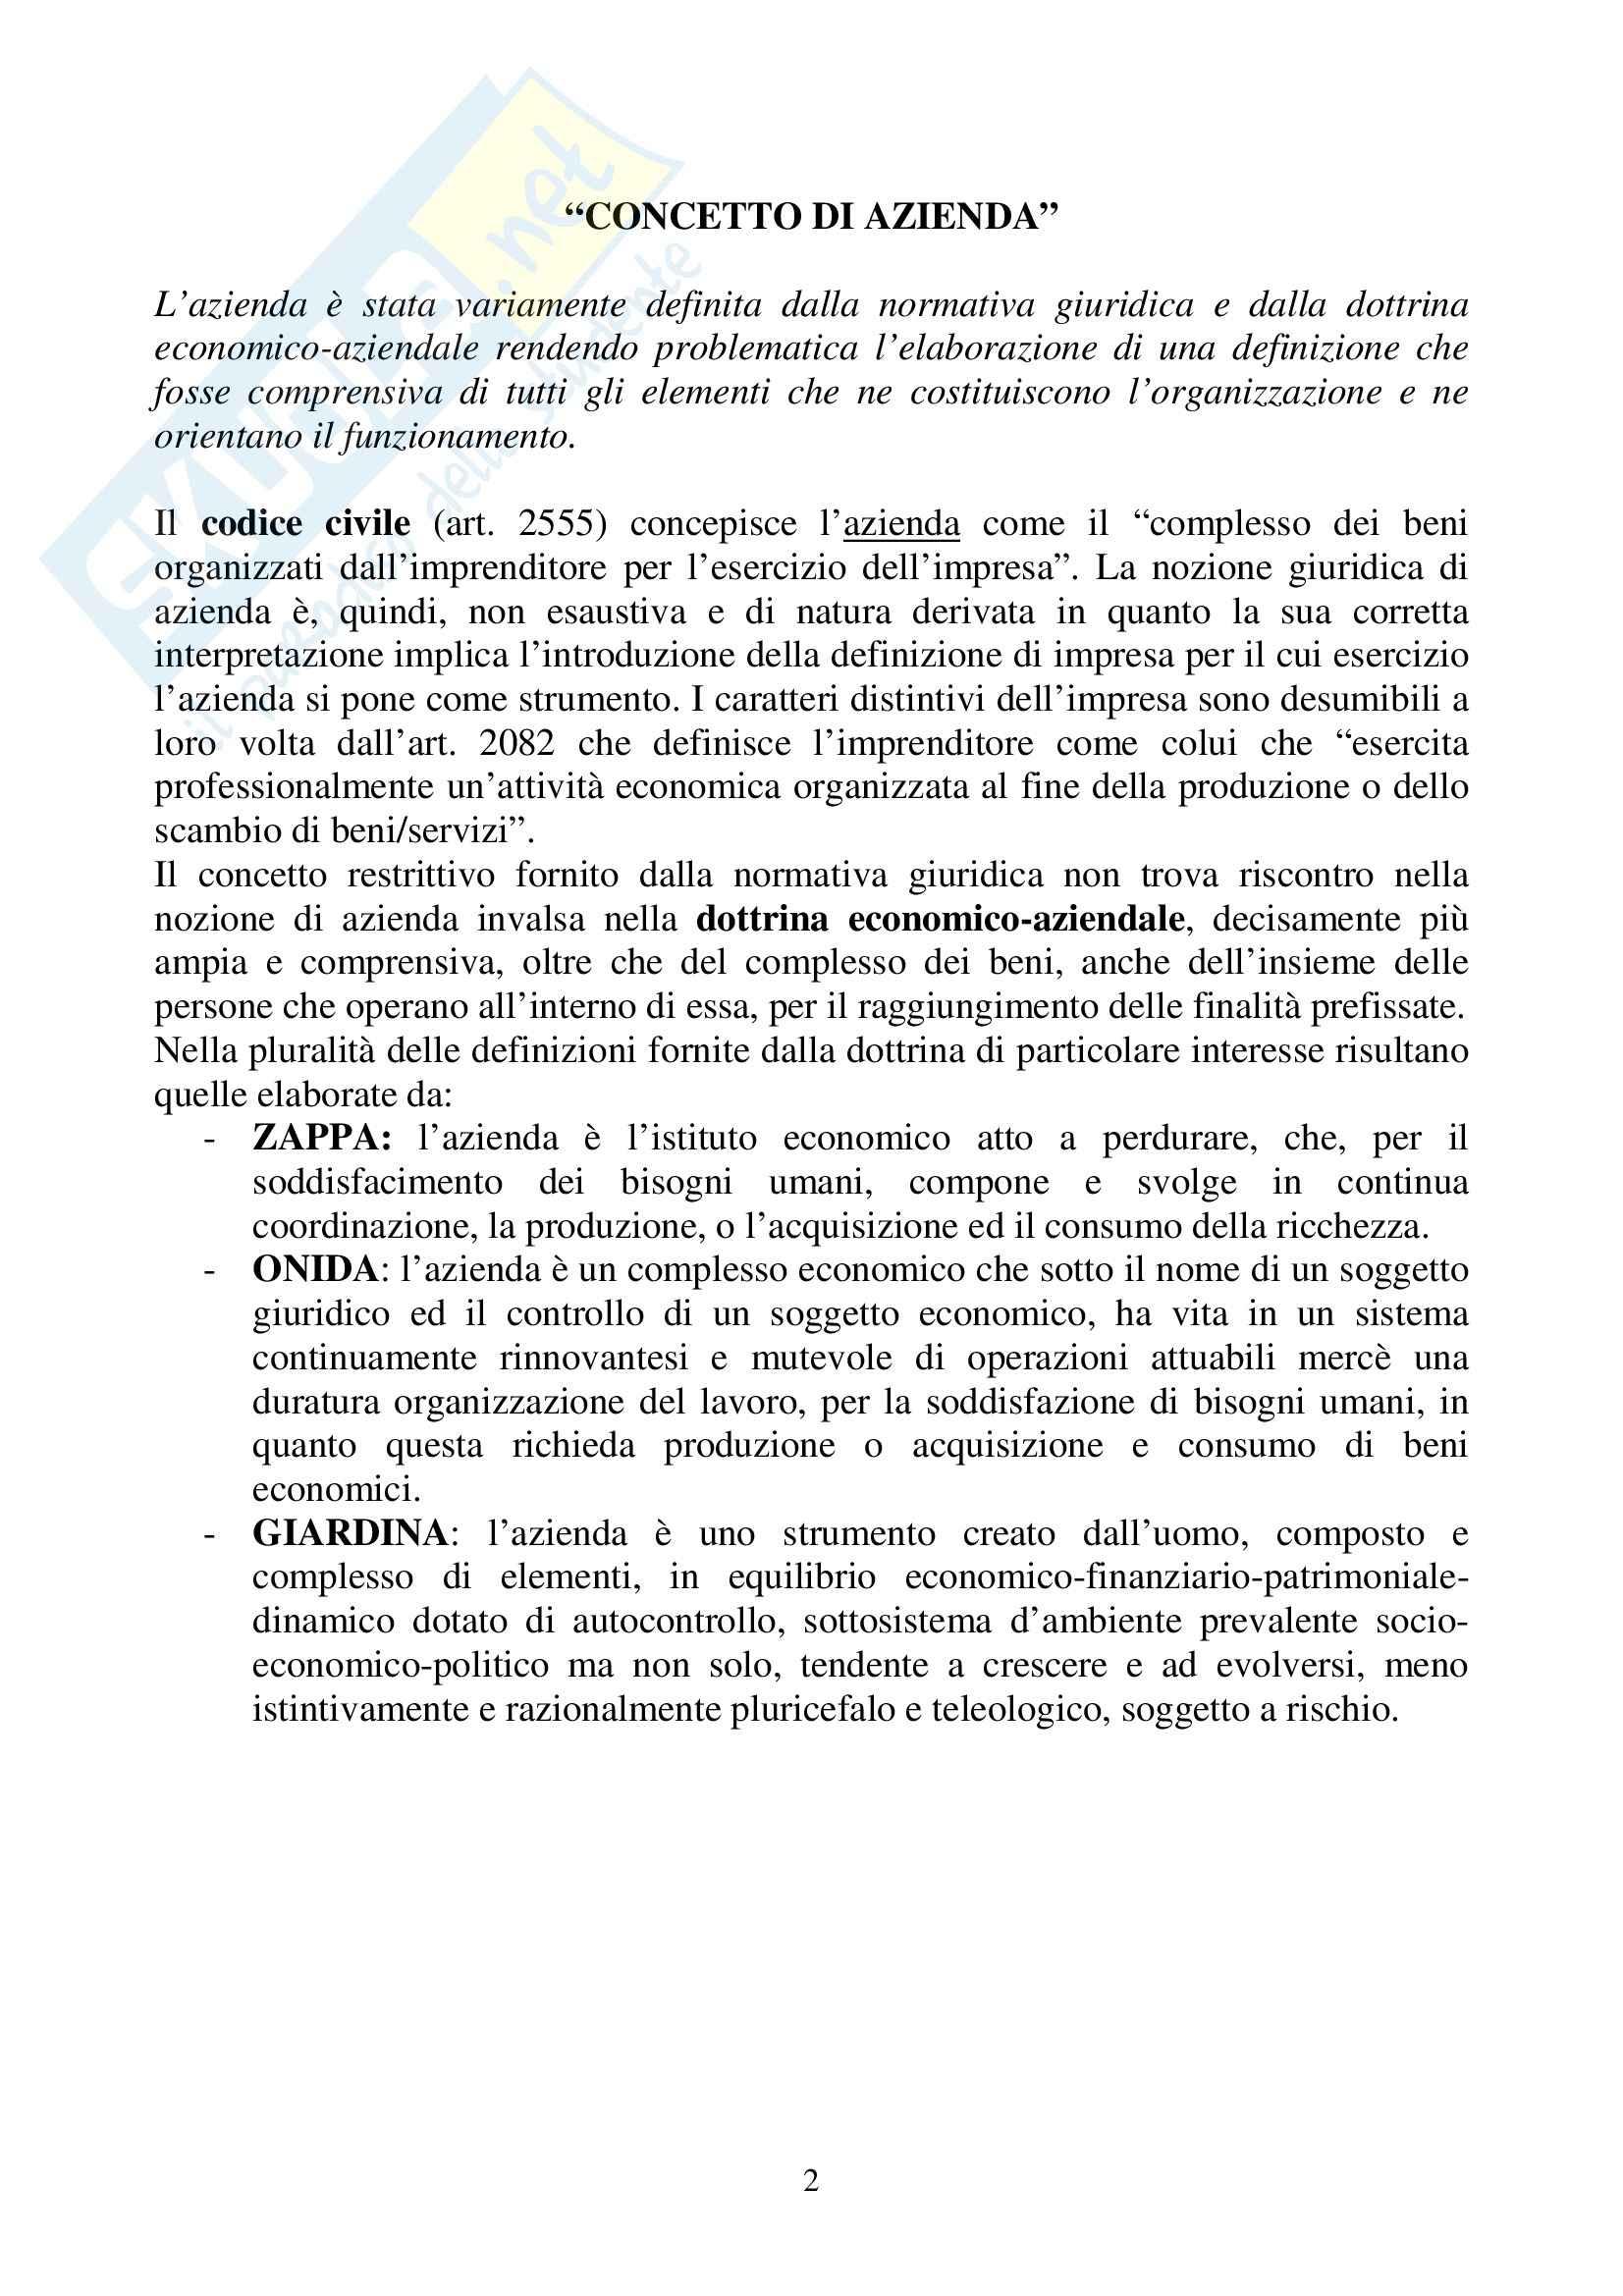 Economia aziendale - il sistema azienda e i criteri di valutazione Pag. 2